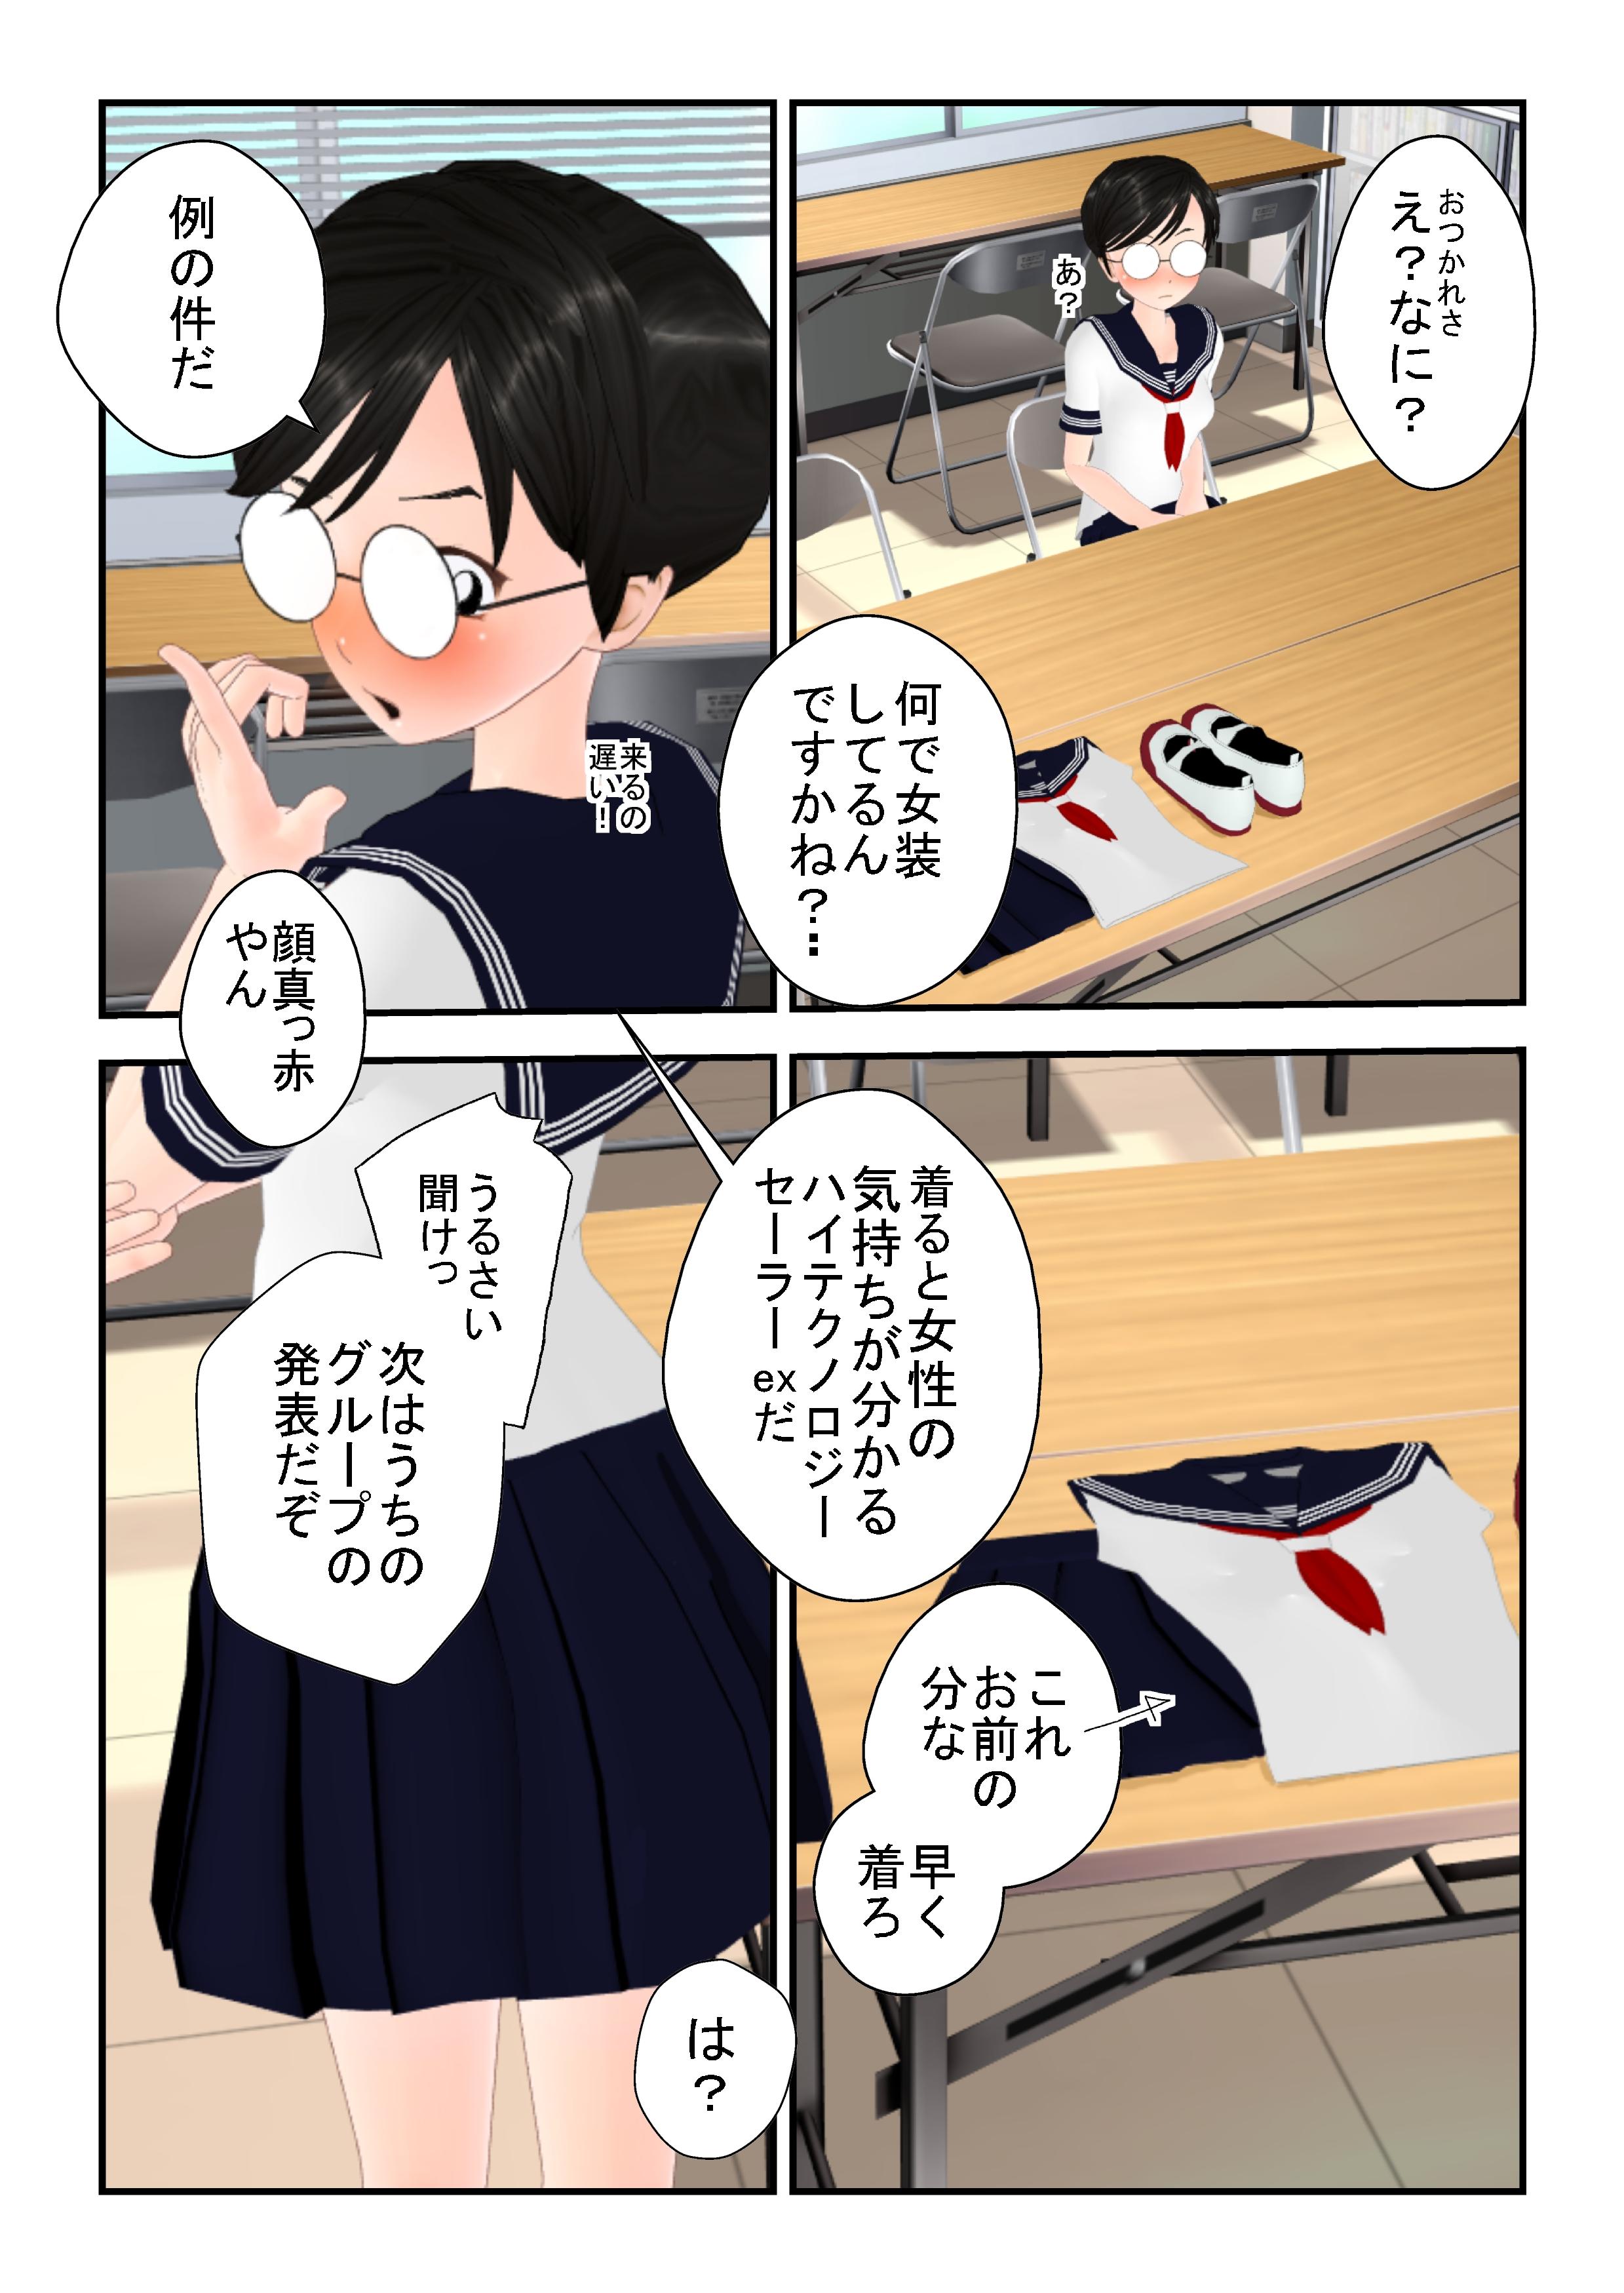 kimochi_0001_3.jpg